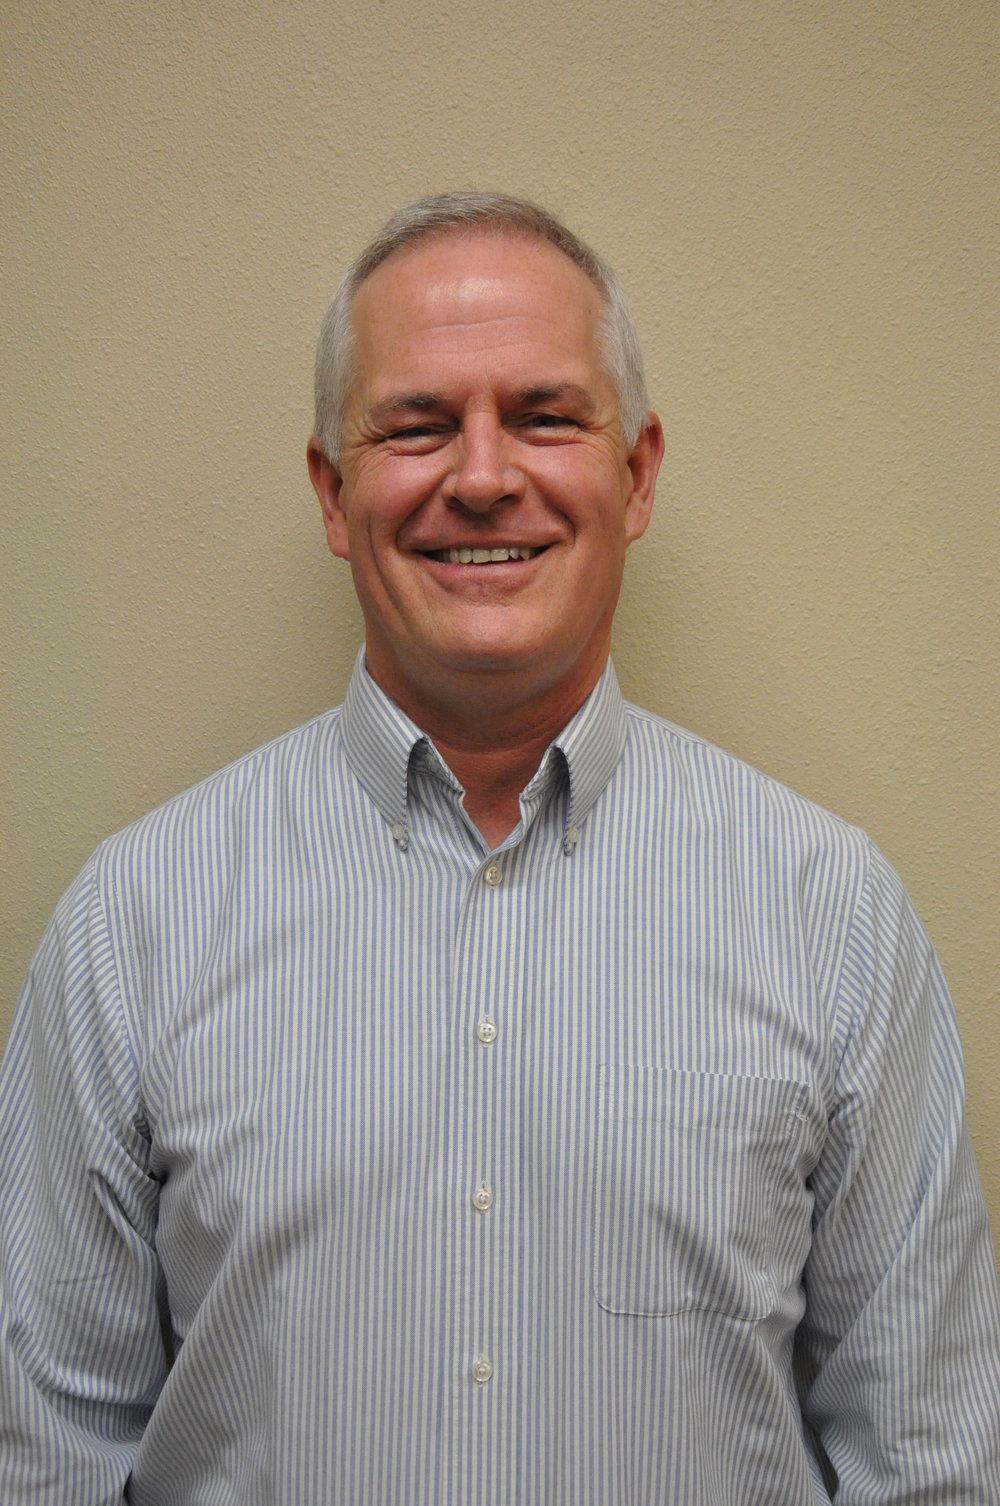 Clayton Lewis, President